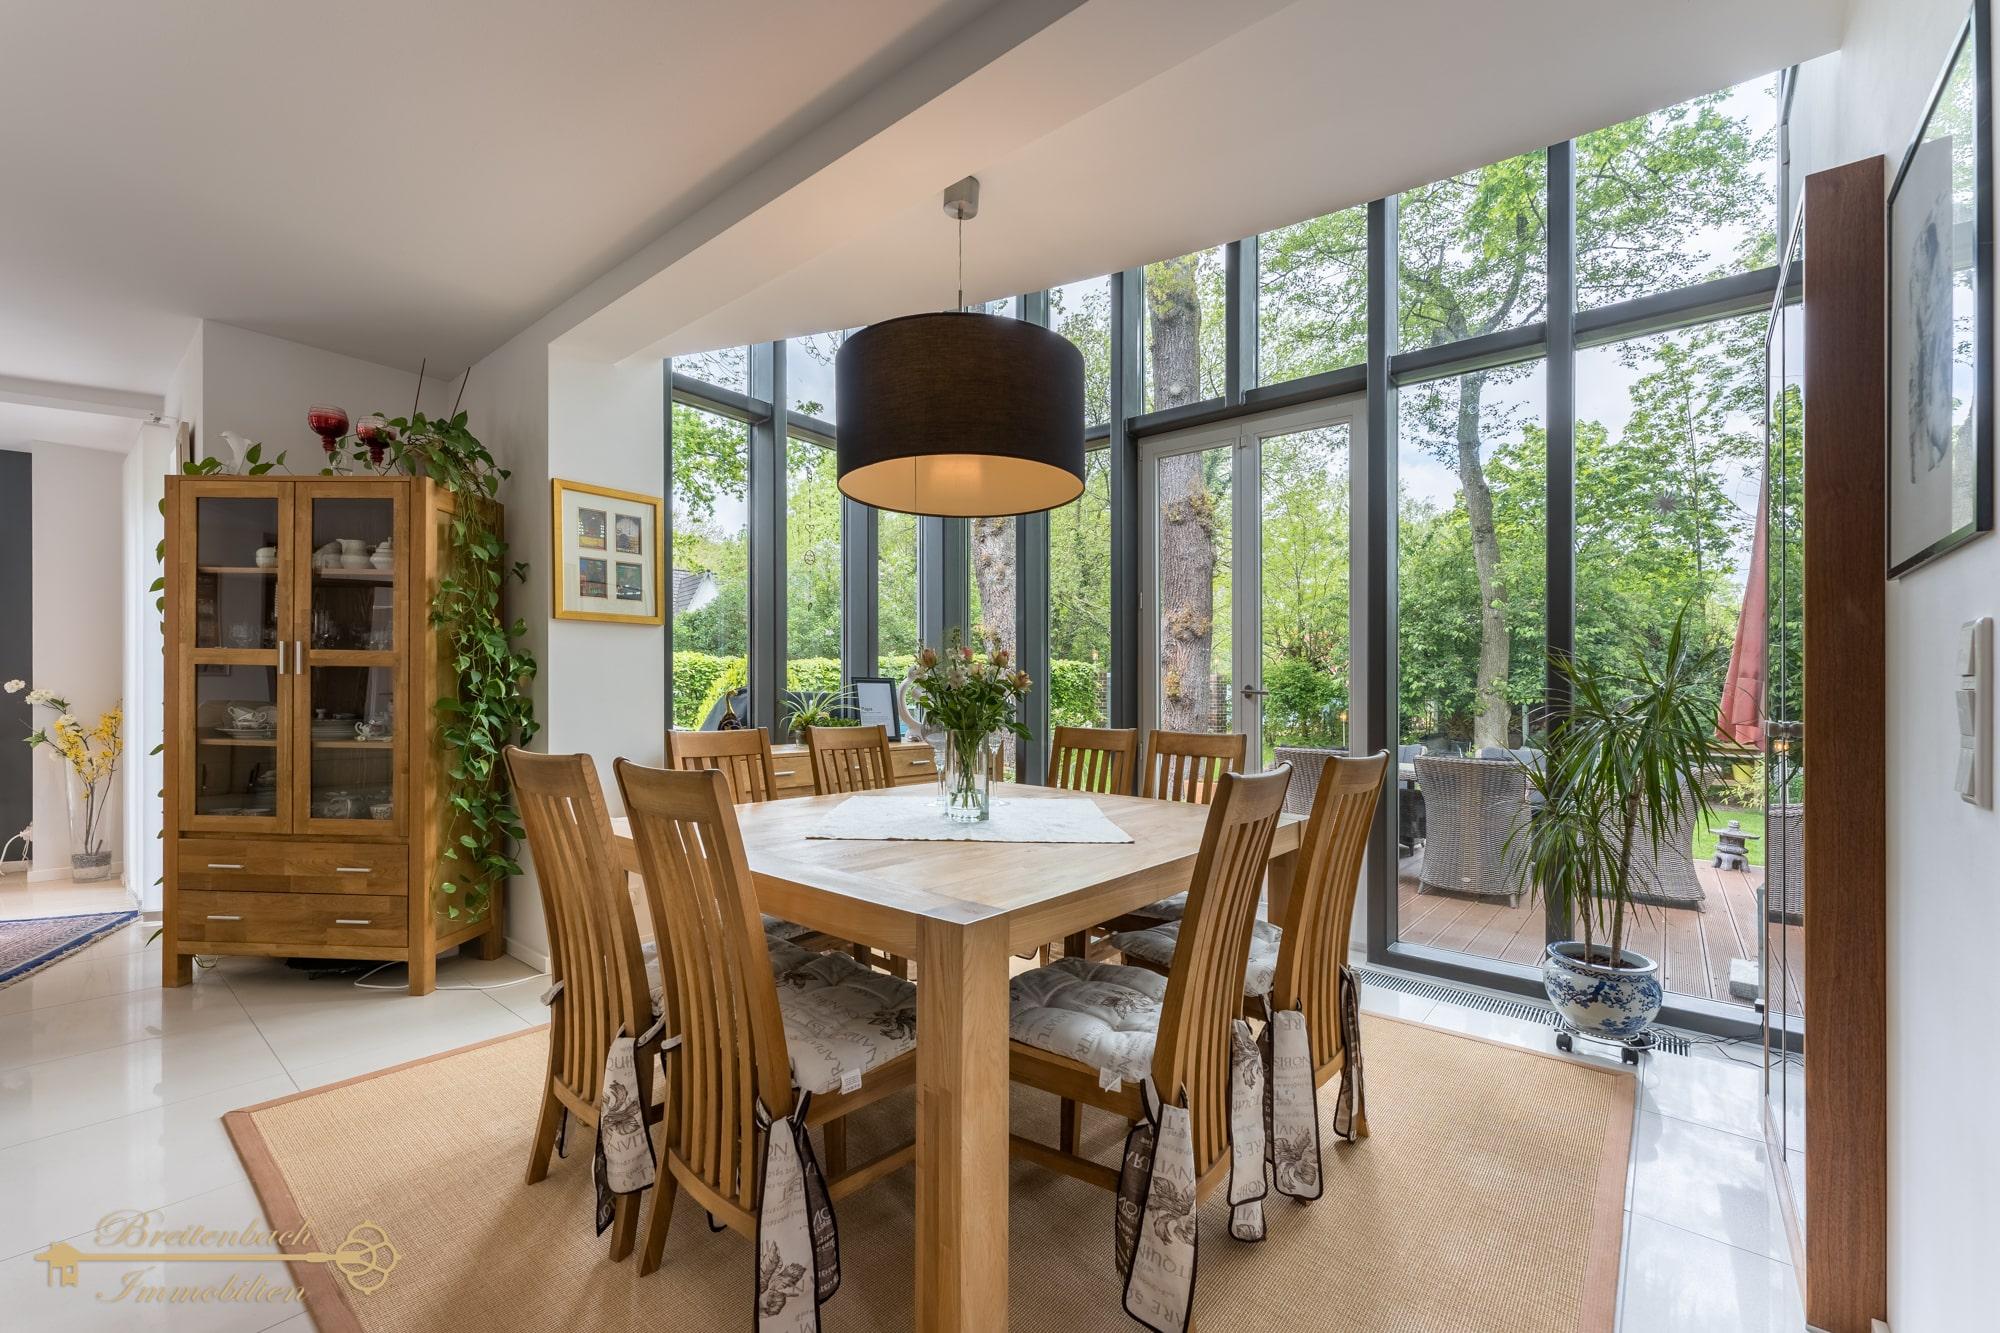 2021-05-23-Breitenbach-Immobilien-Makler-Bremen-15-min